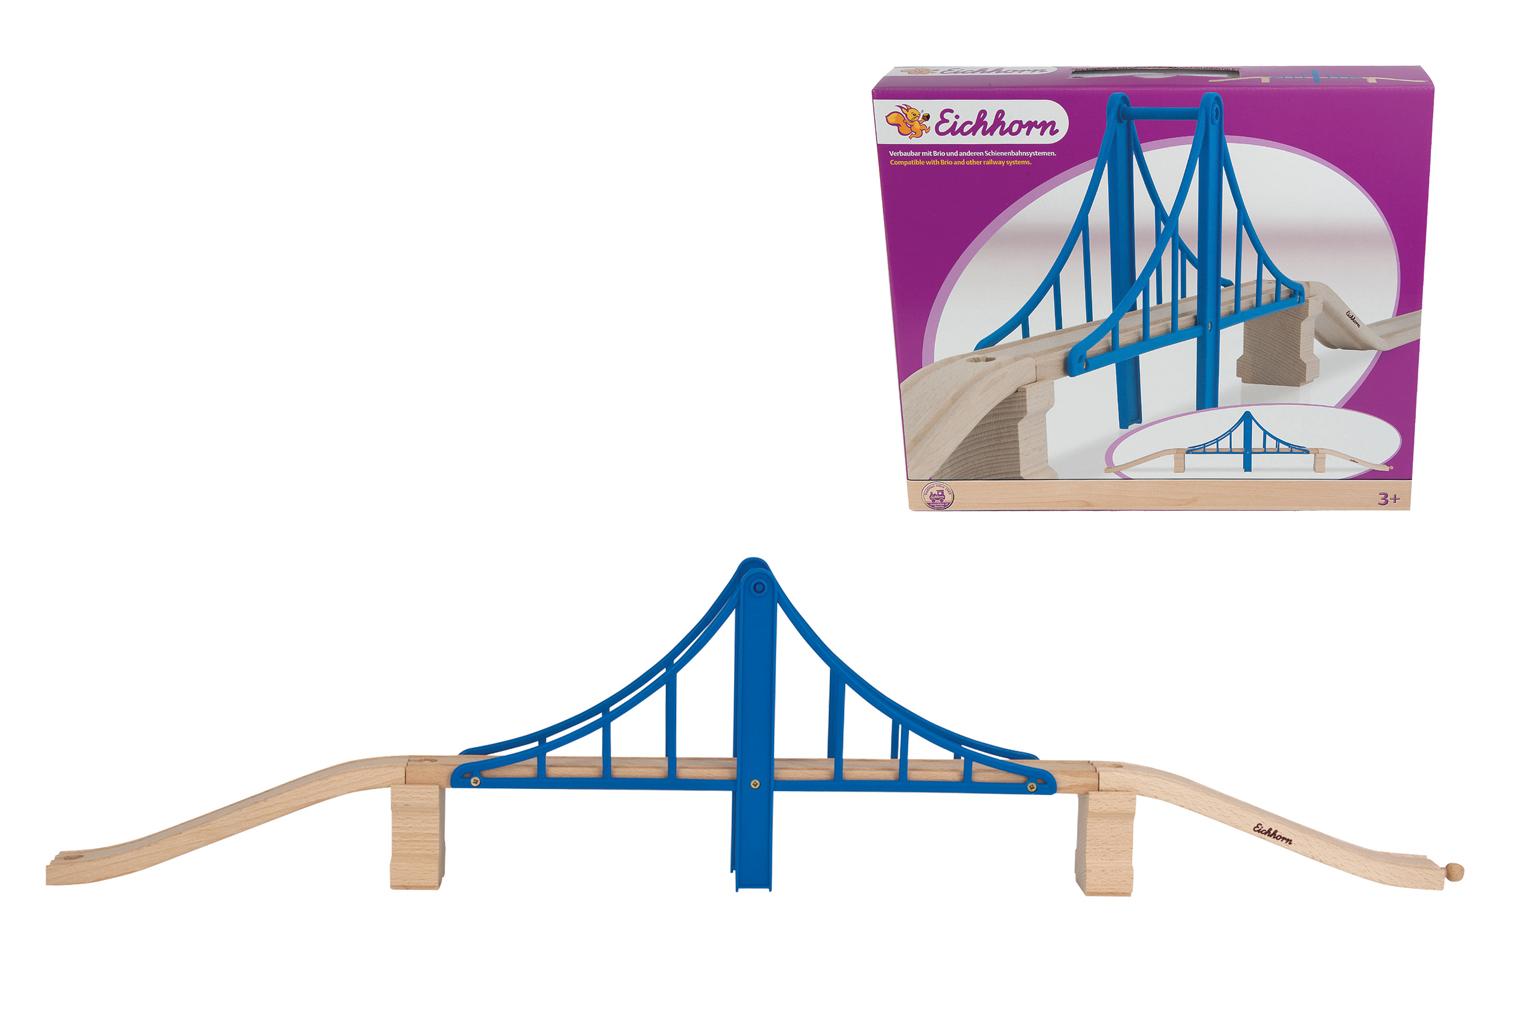 Игровой набор Висячий мостЖелезная дорога для малышей<br>Игровой набор Висячий мост<br>